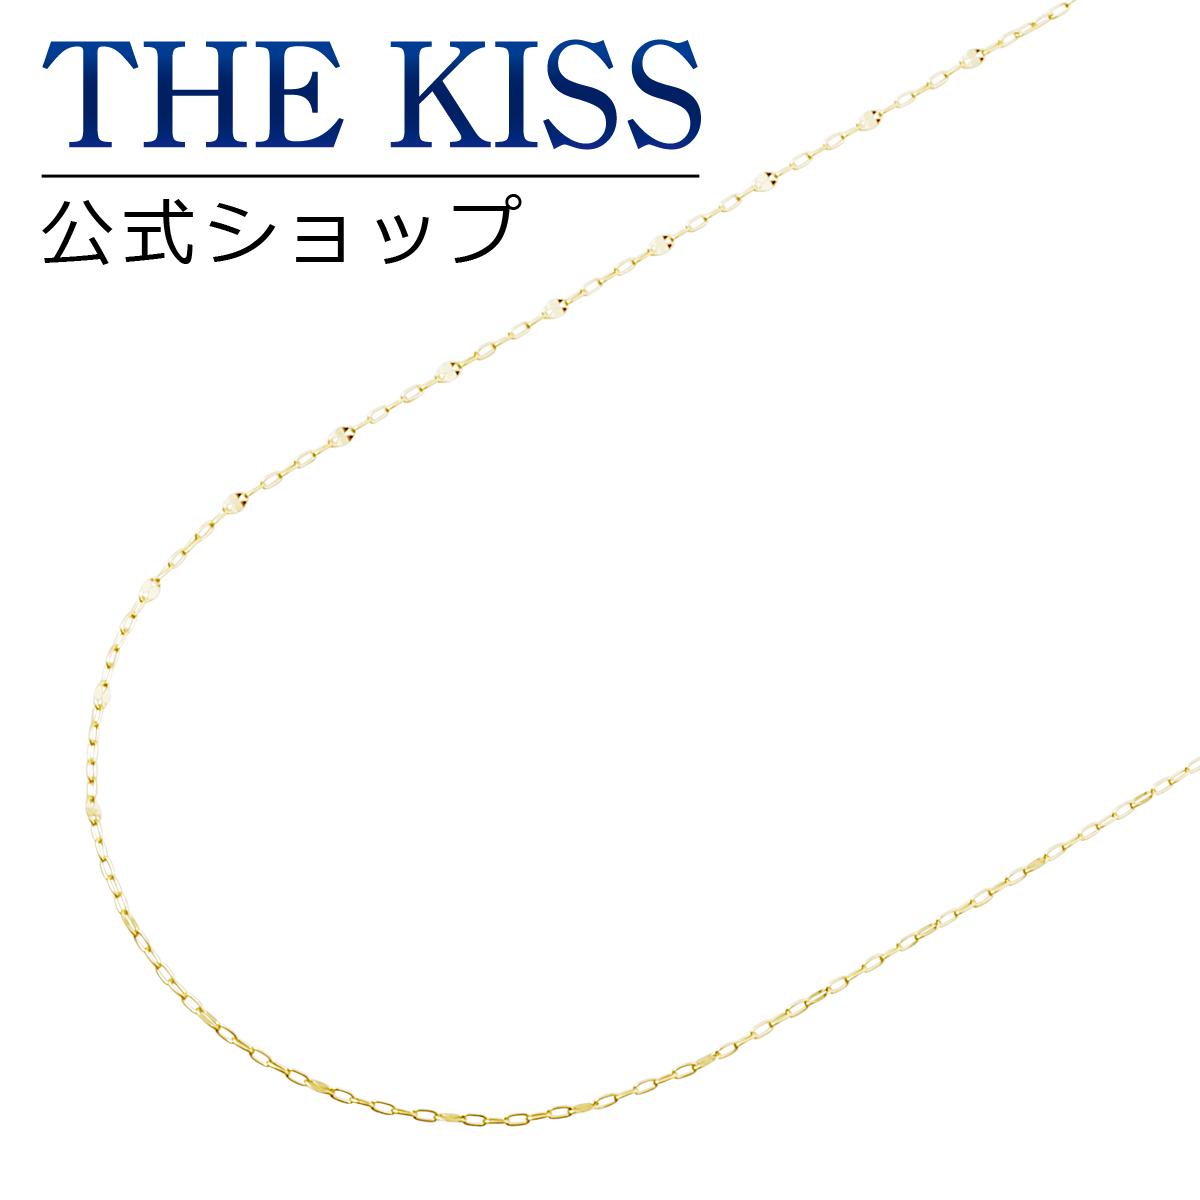 【あす楽対応】【送料無料】【THE KISS sweets】K10イエローゴールド チェーン 40cm☆